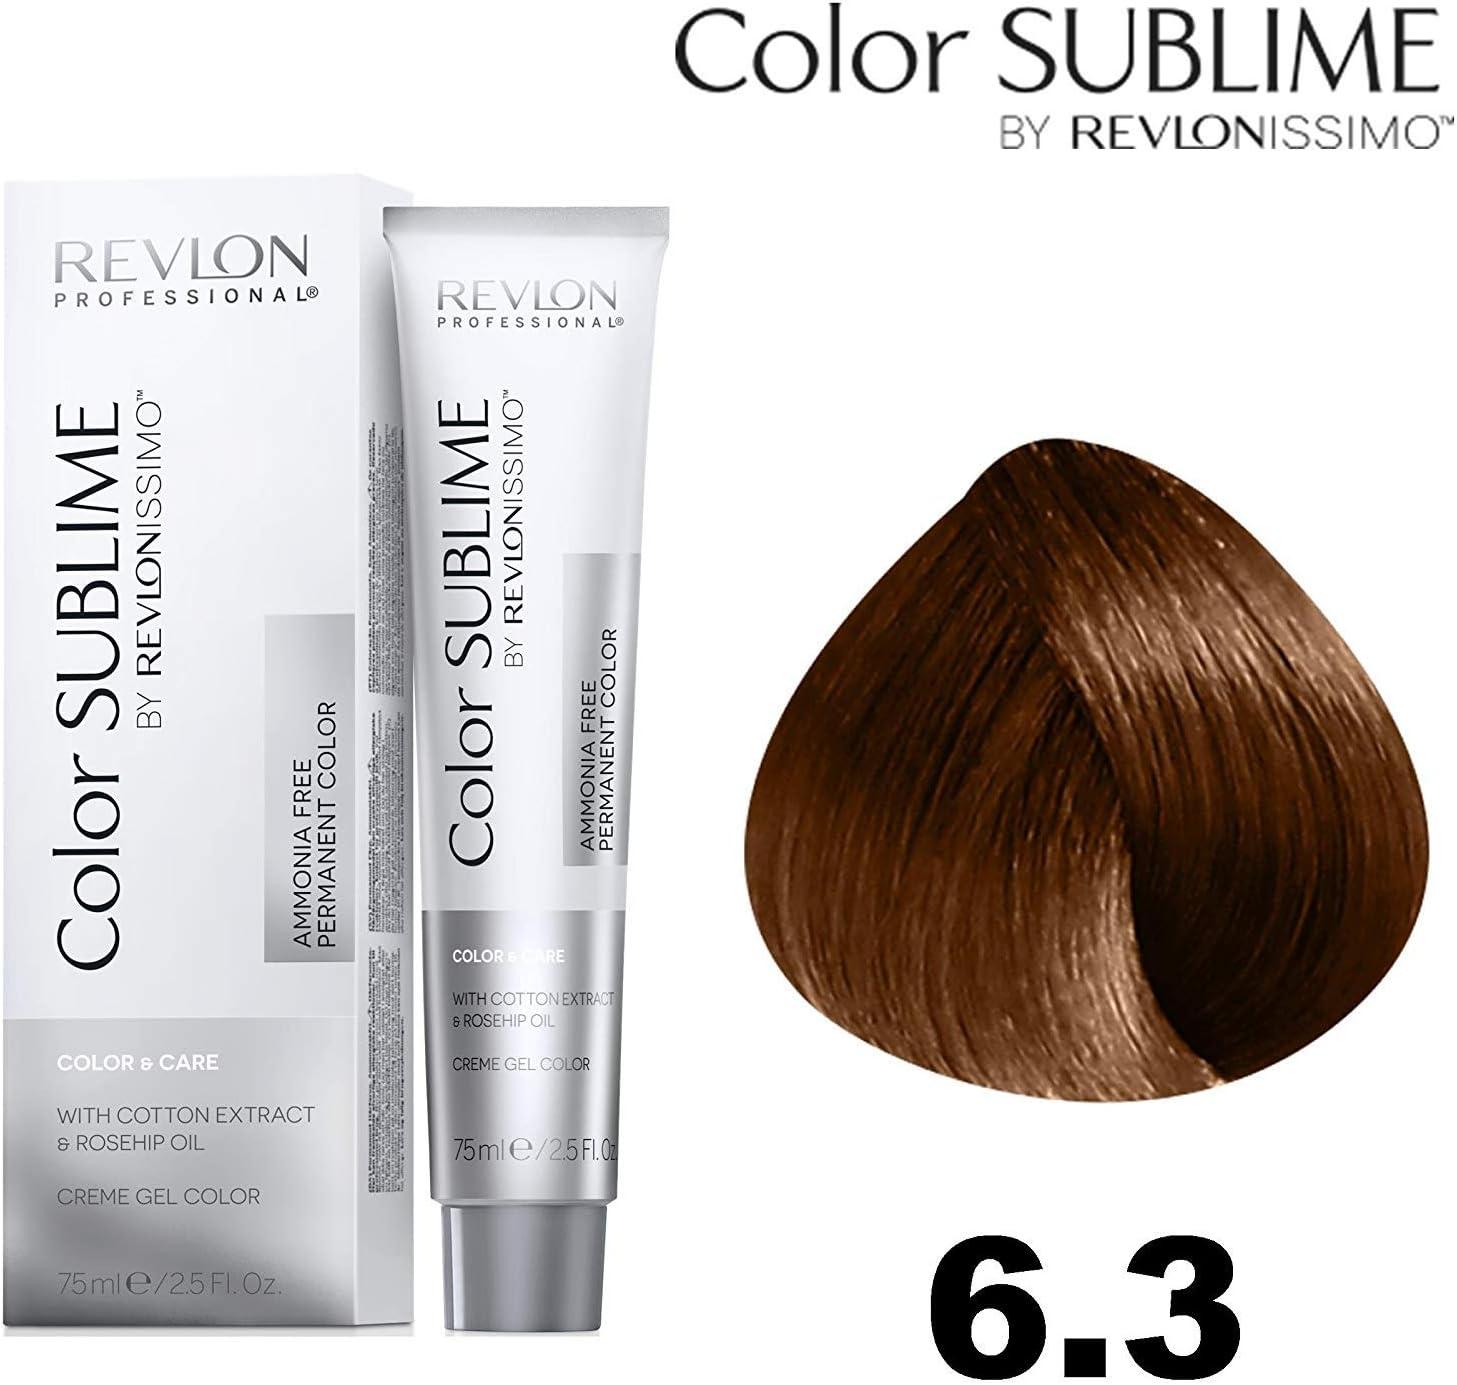 Revlonissimo Color sublime 75 ml, Color 6.3: Amazon.es: Belleza